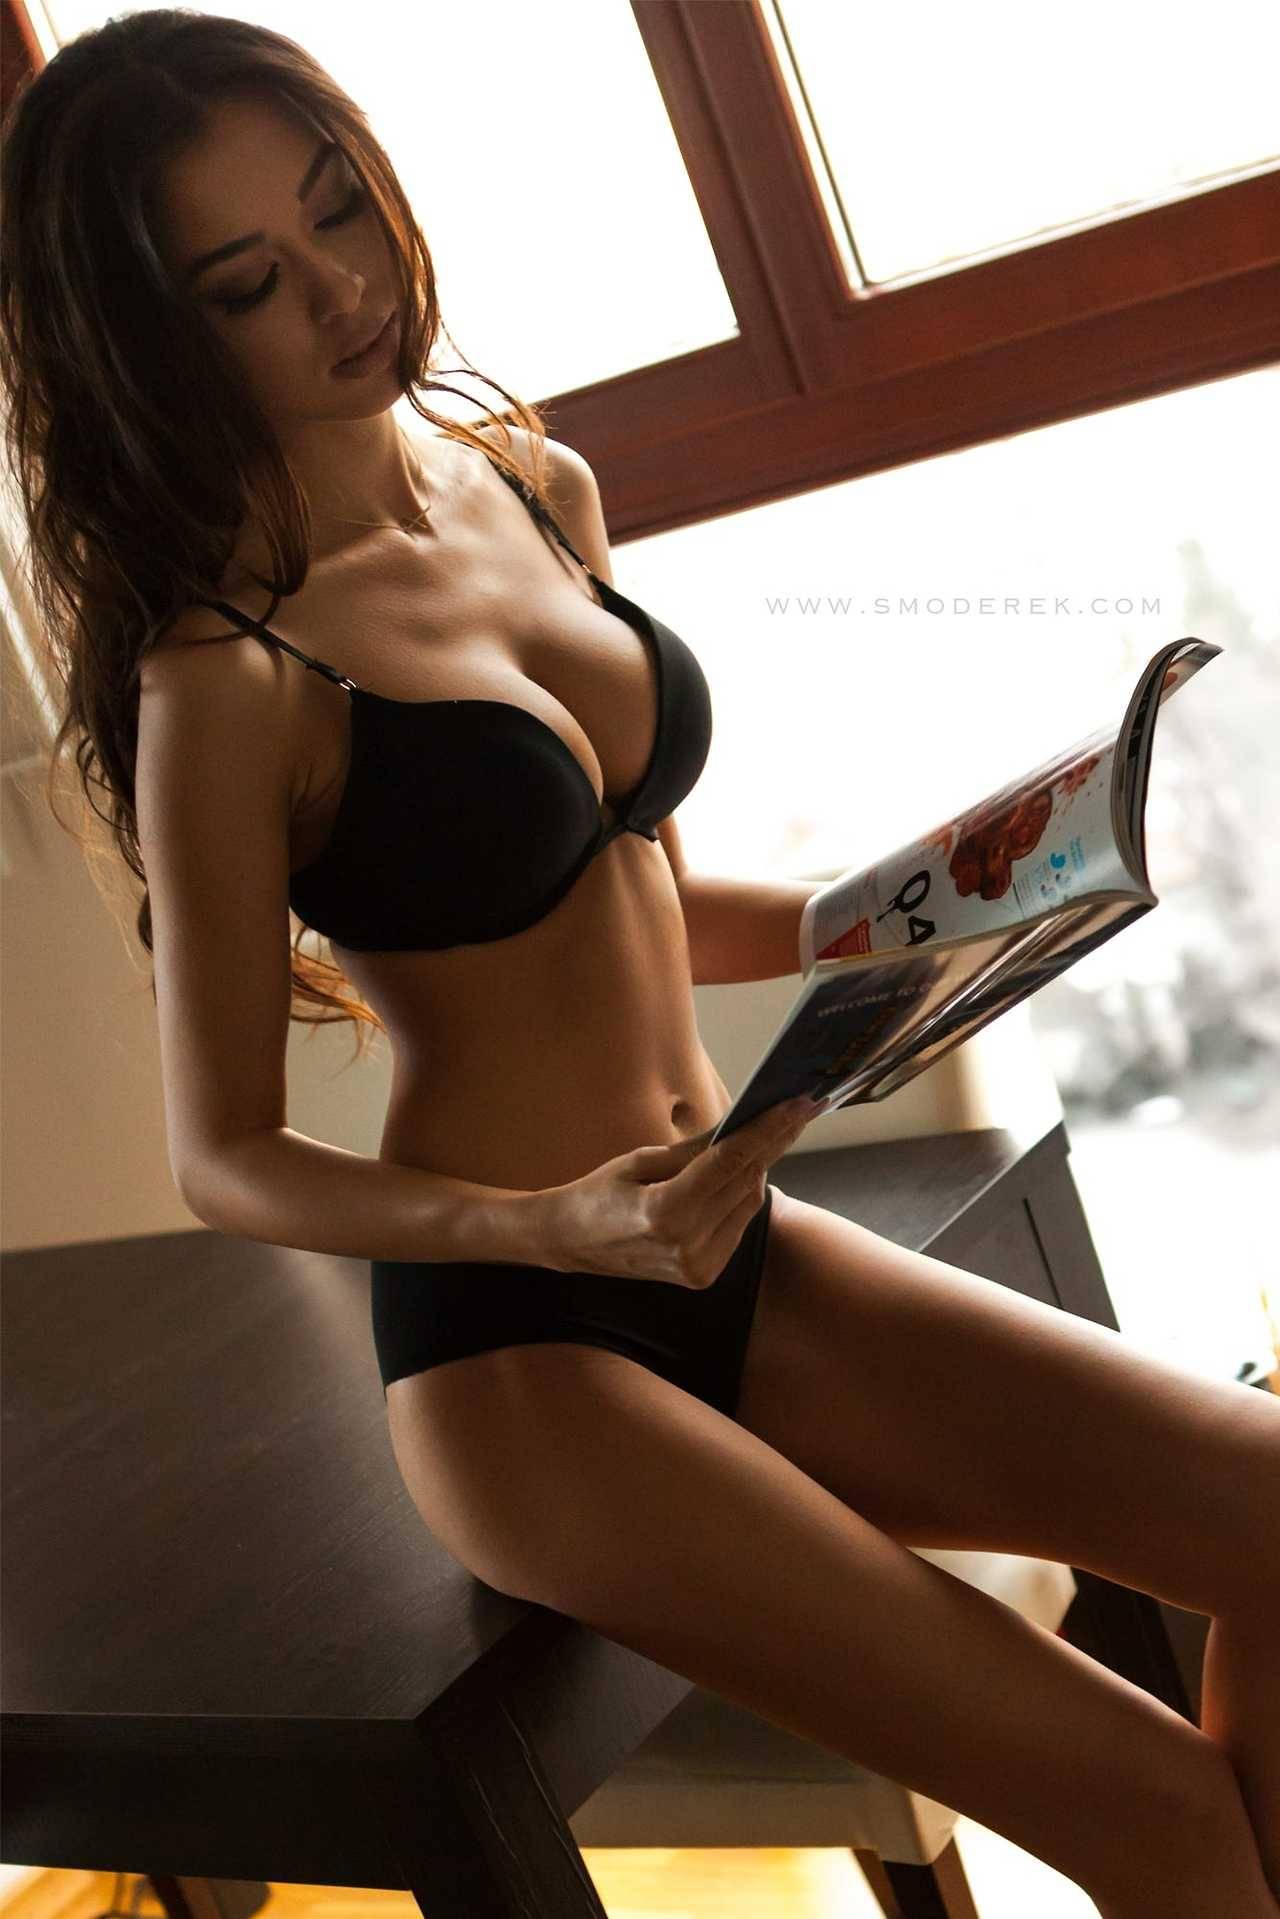 femme du 08 sexy en lingerie érotique